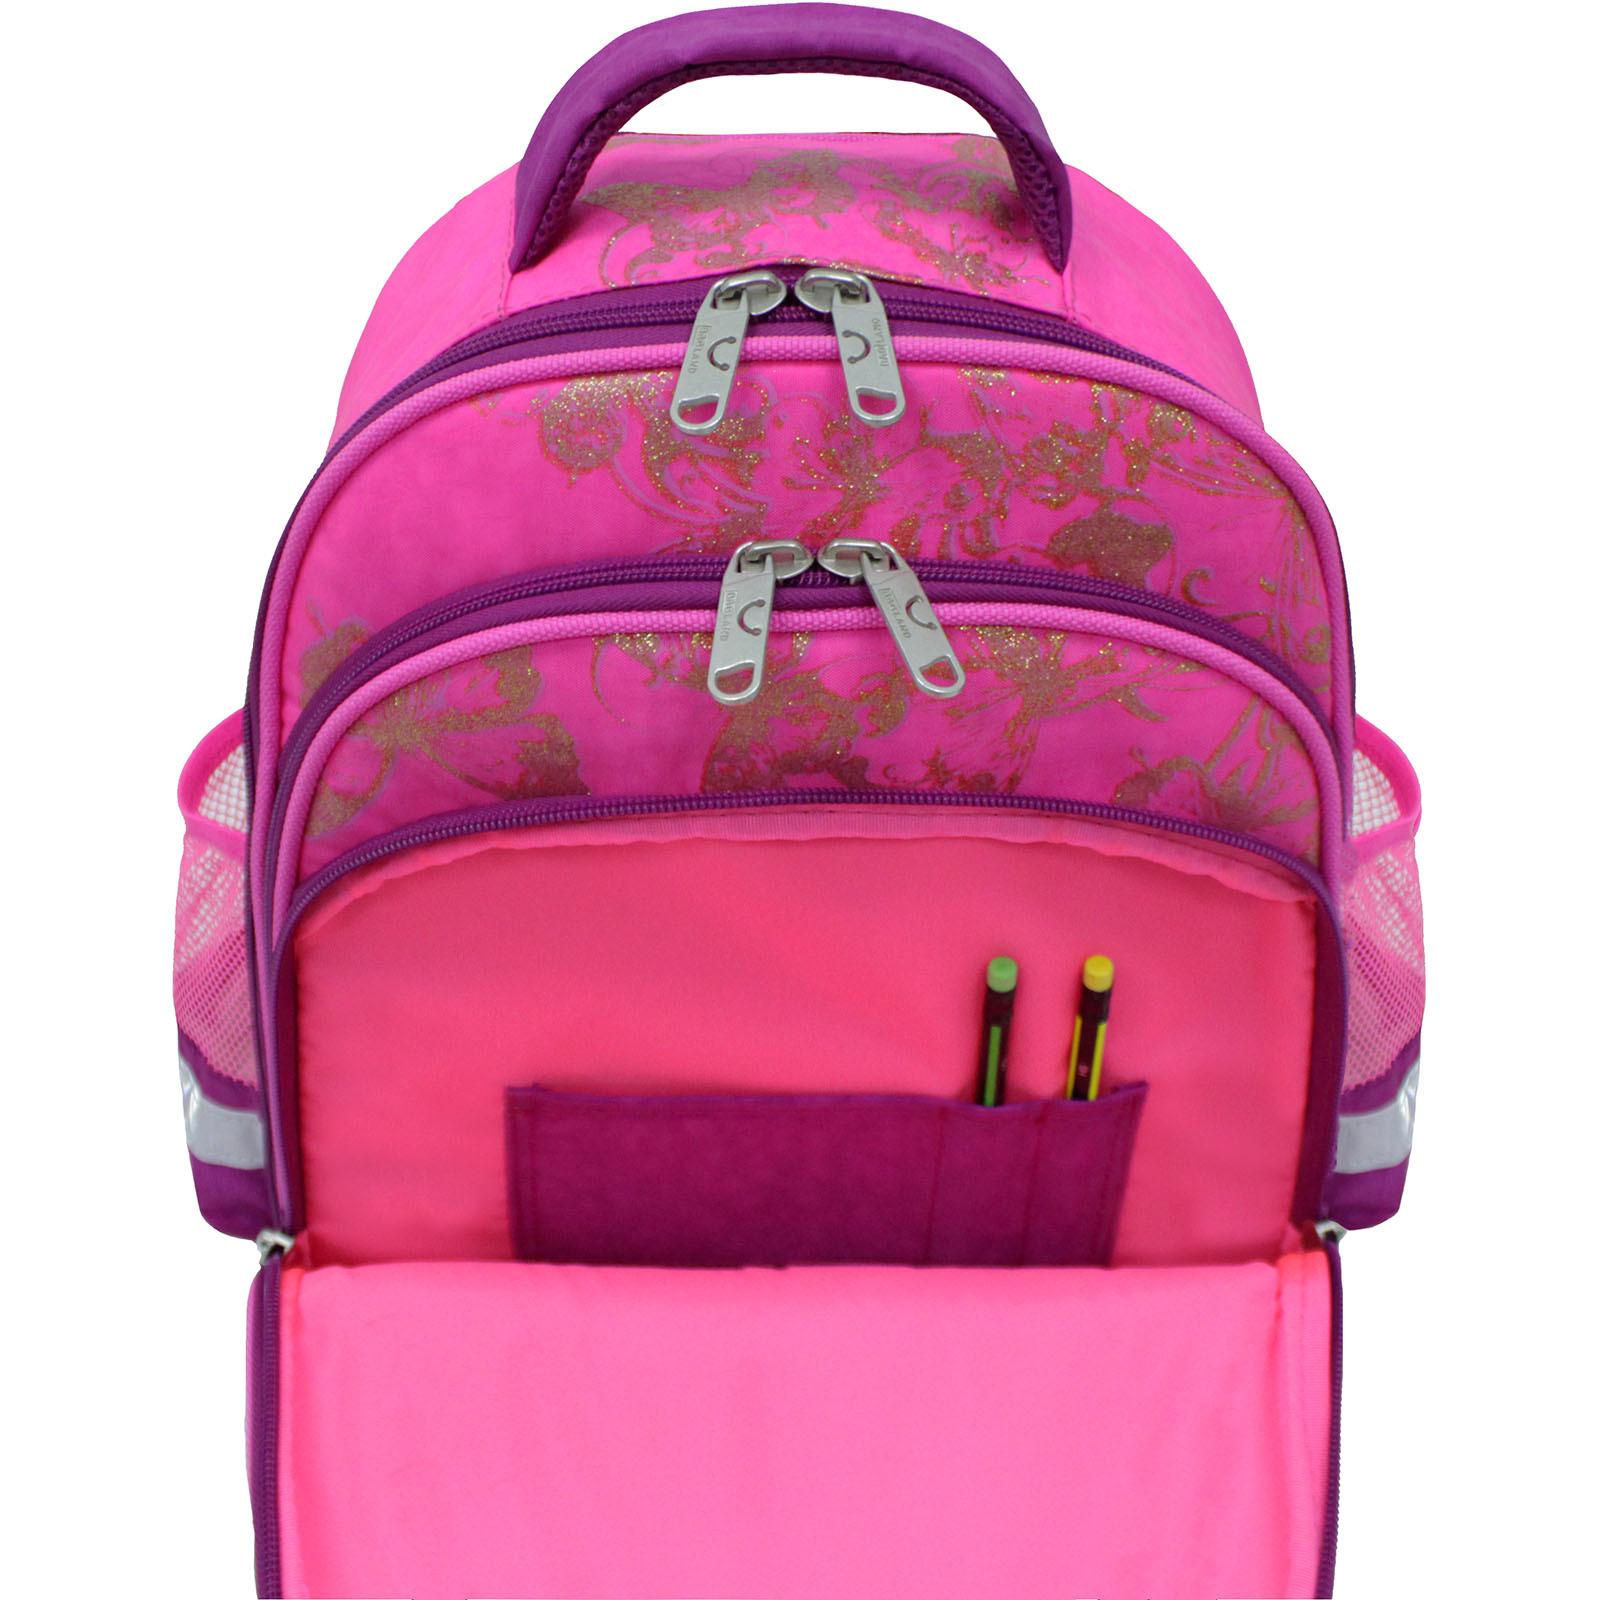 Рюкзак школьный Bagland Mouse 143 малиновый 389 (0051370) фото 6